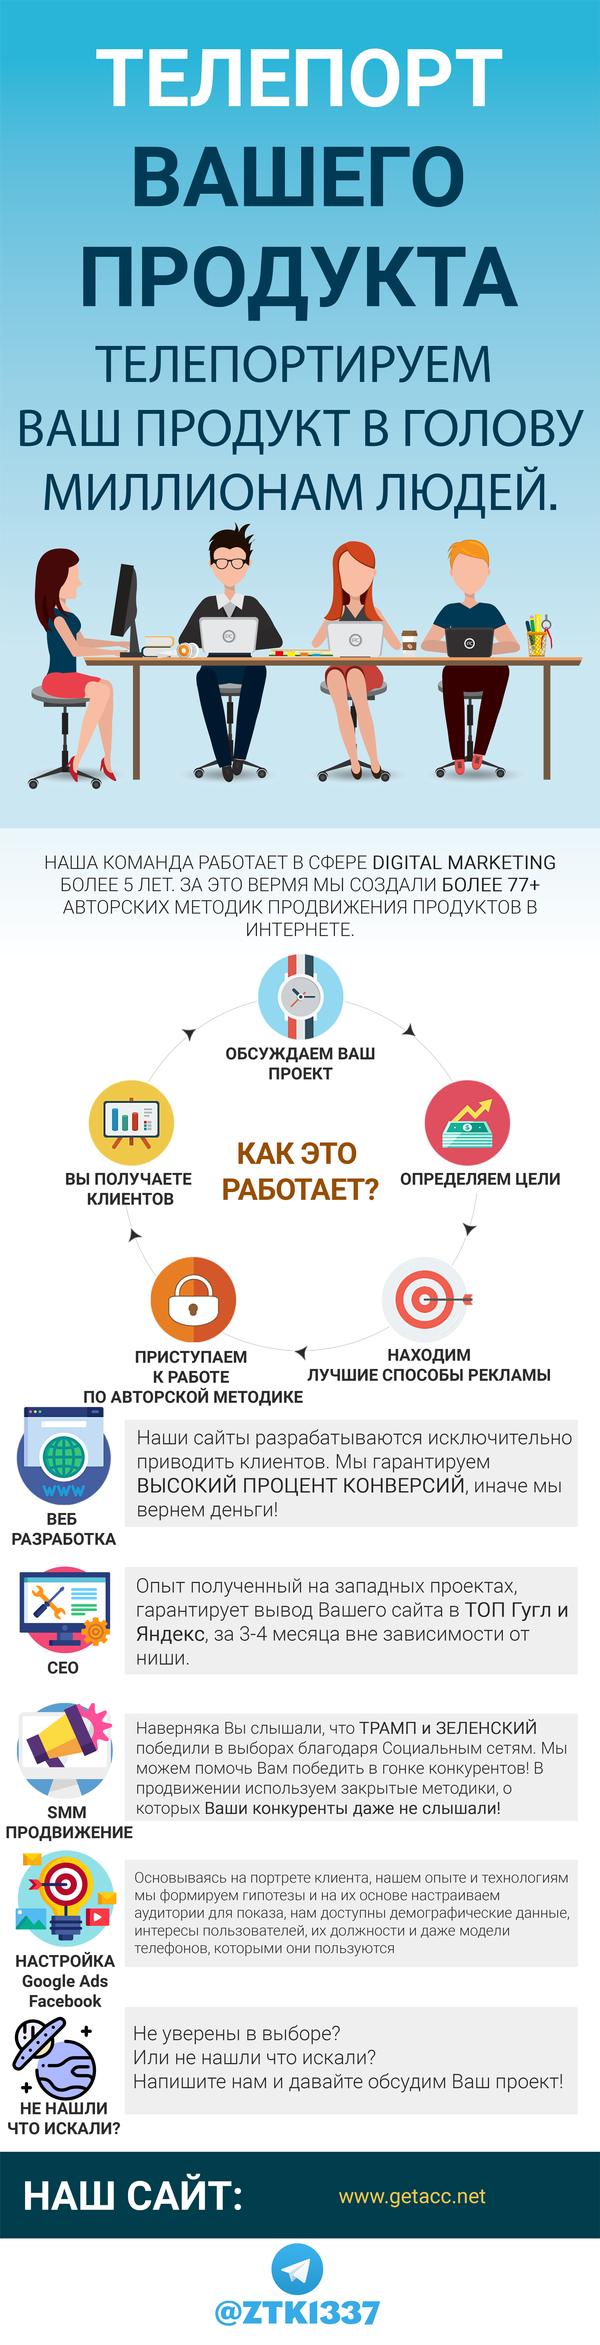 Продвижение в соц. сетях